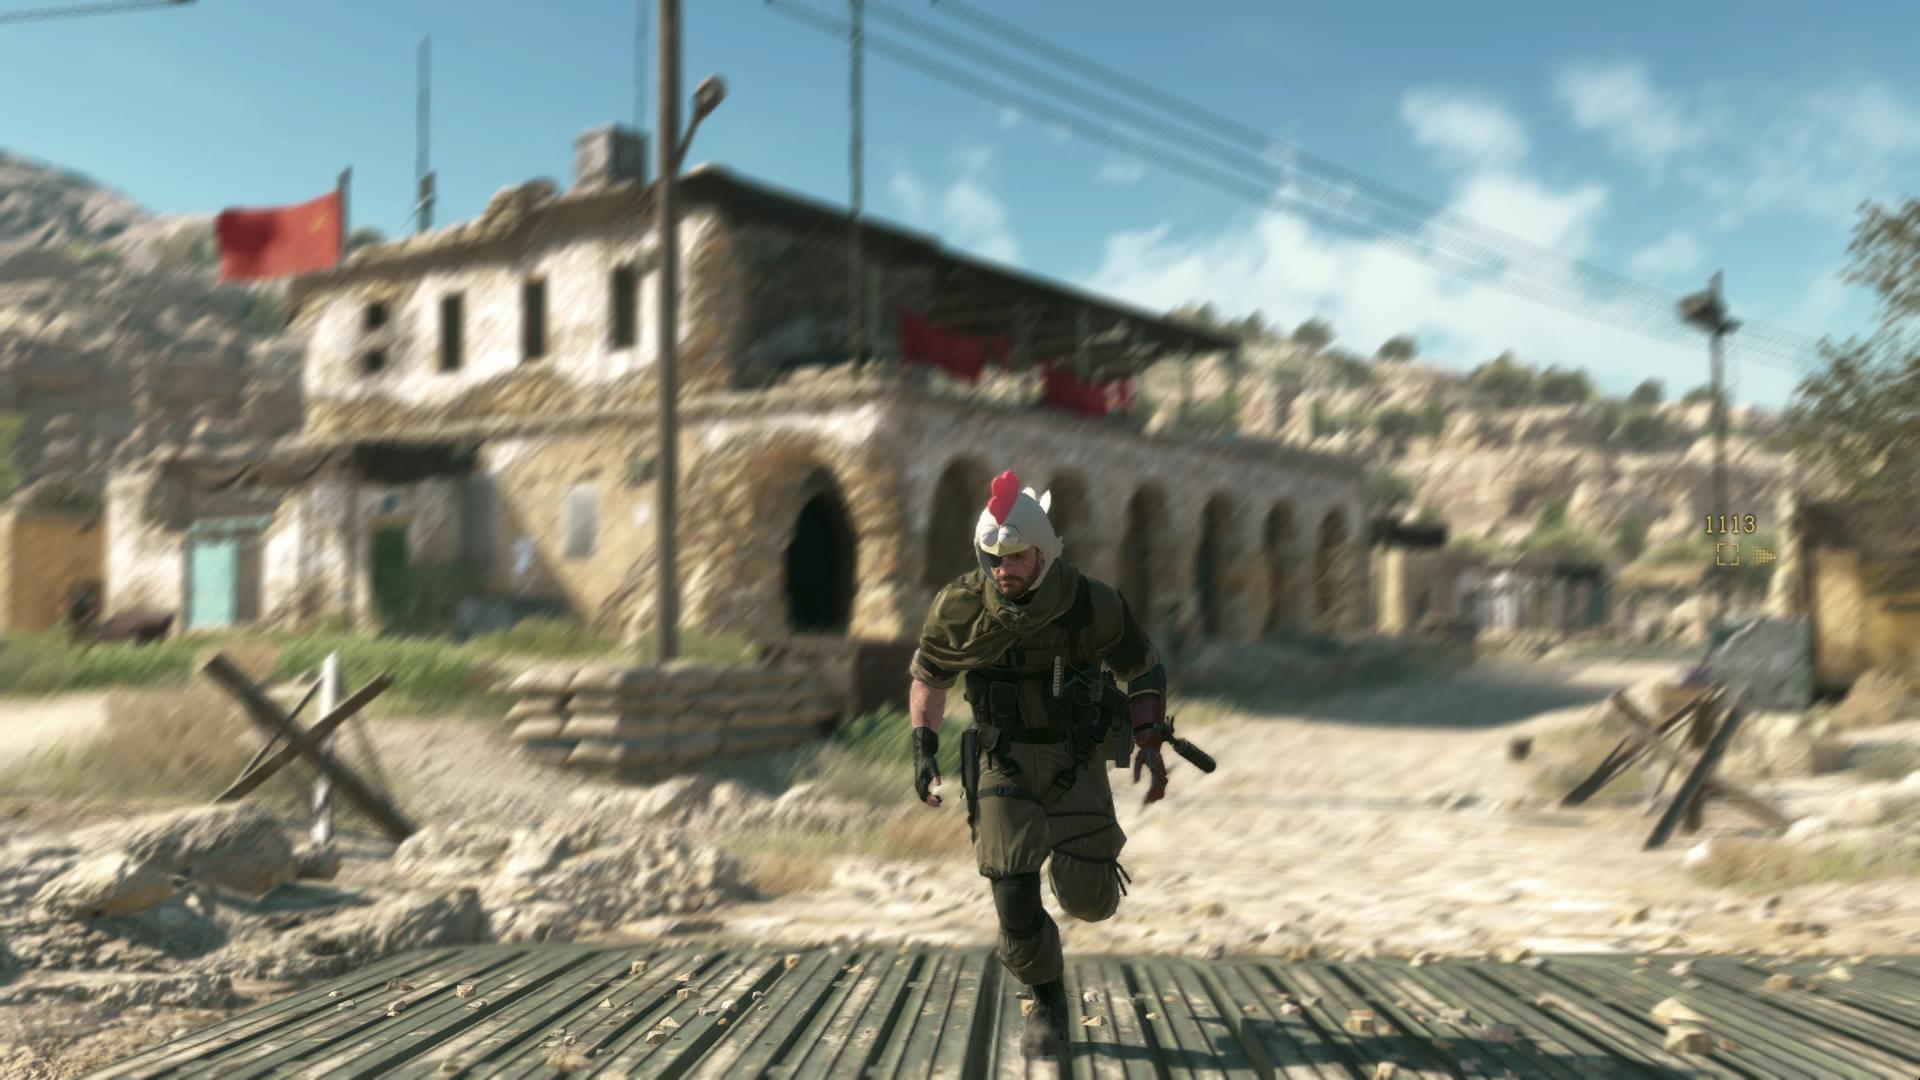 Veja as fotos do Snake usando um capacete de galinha em Metal Gear Solid V